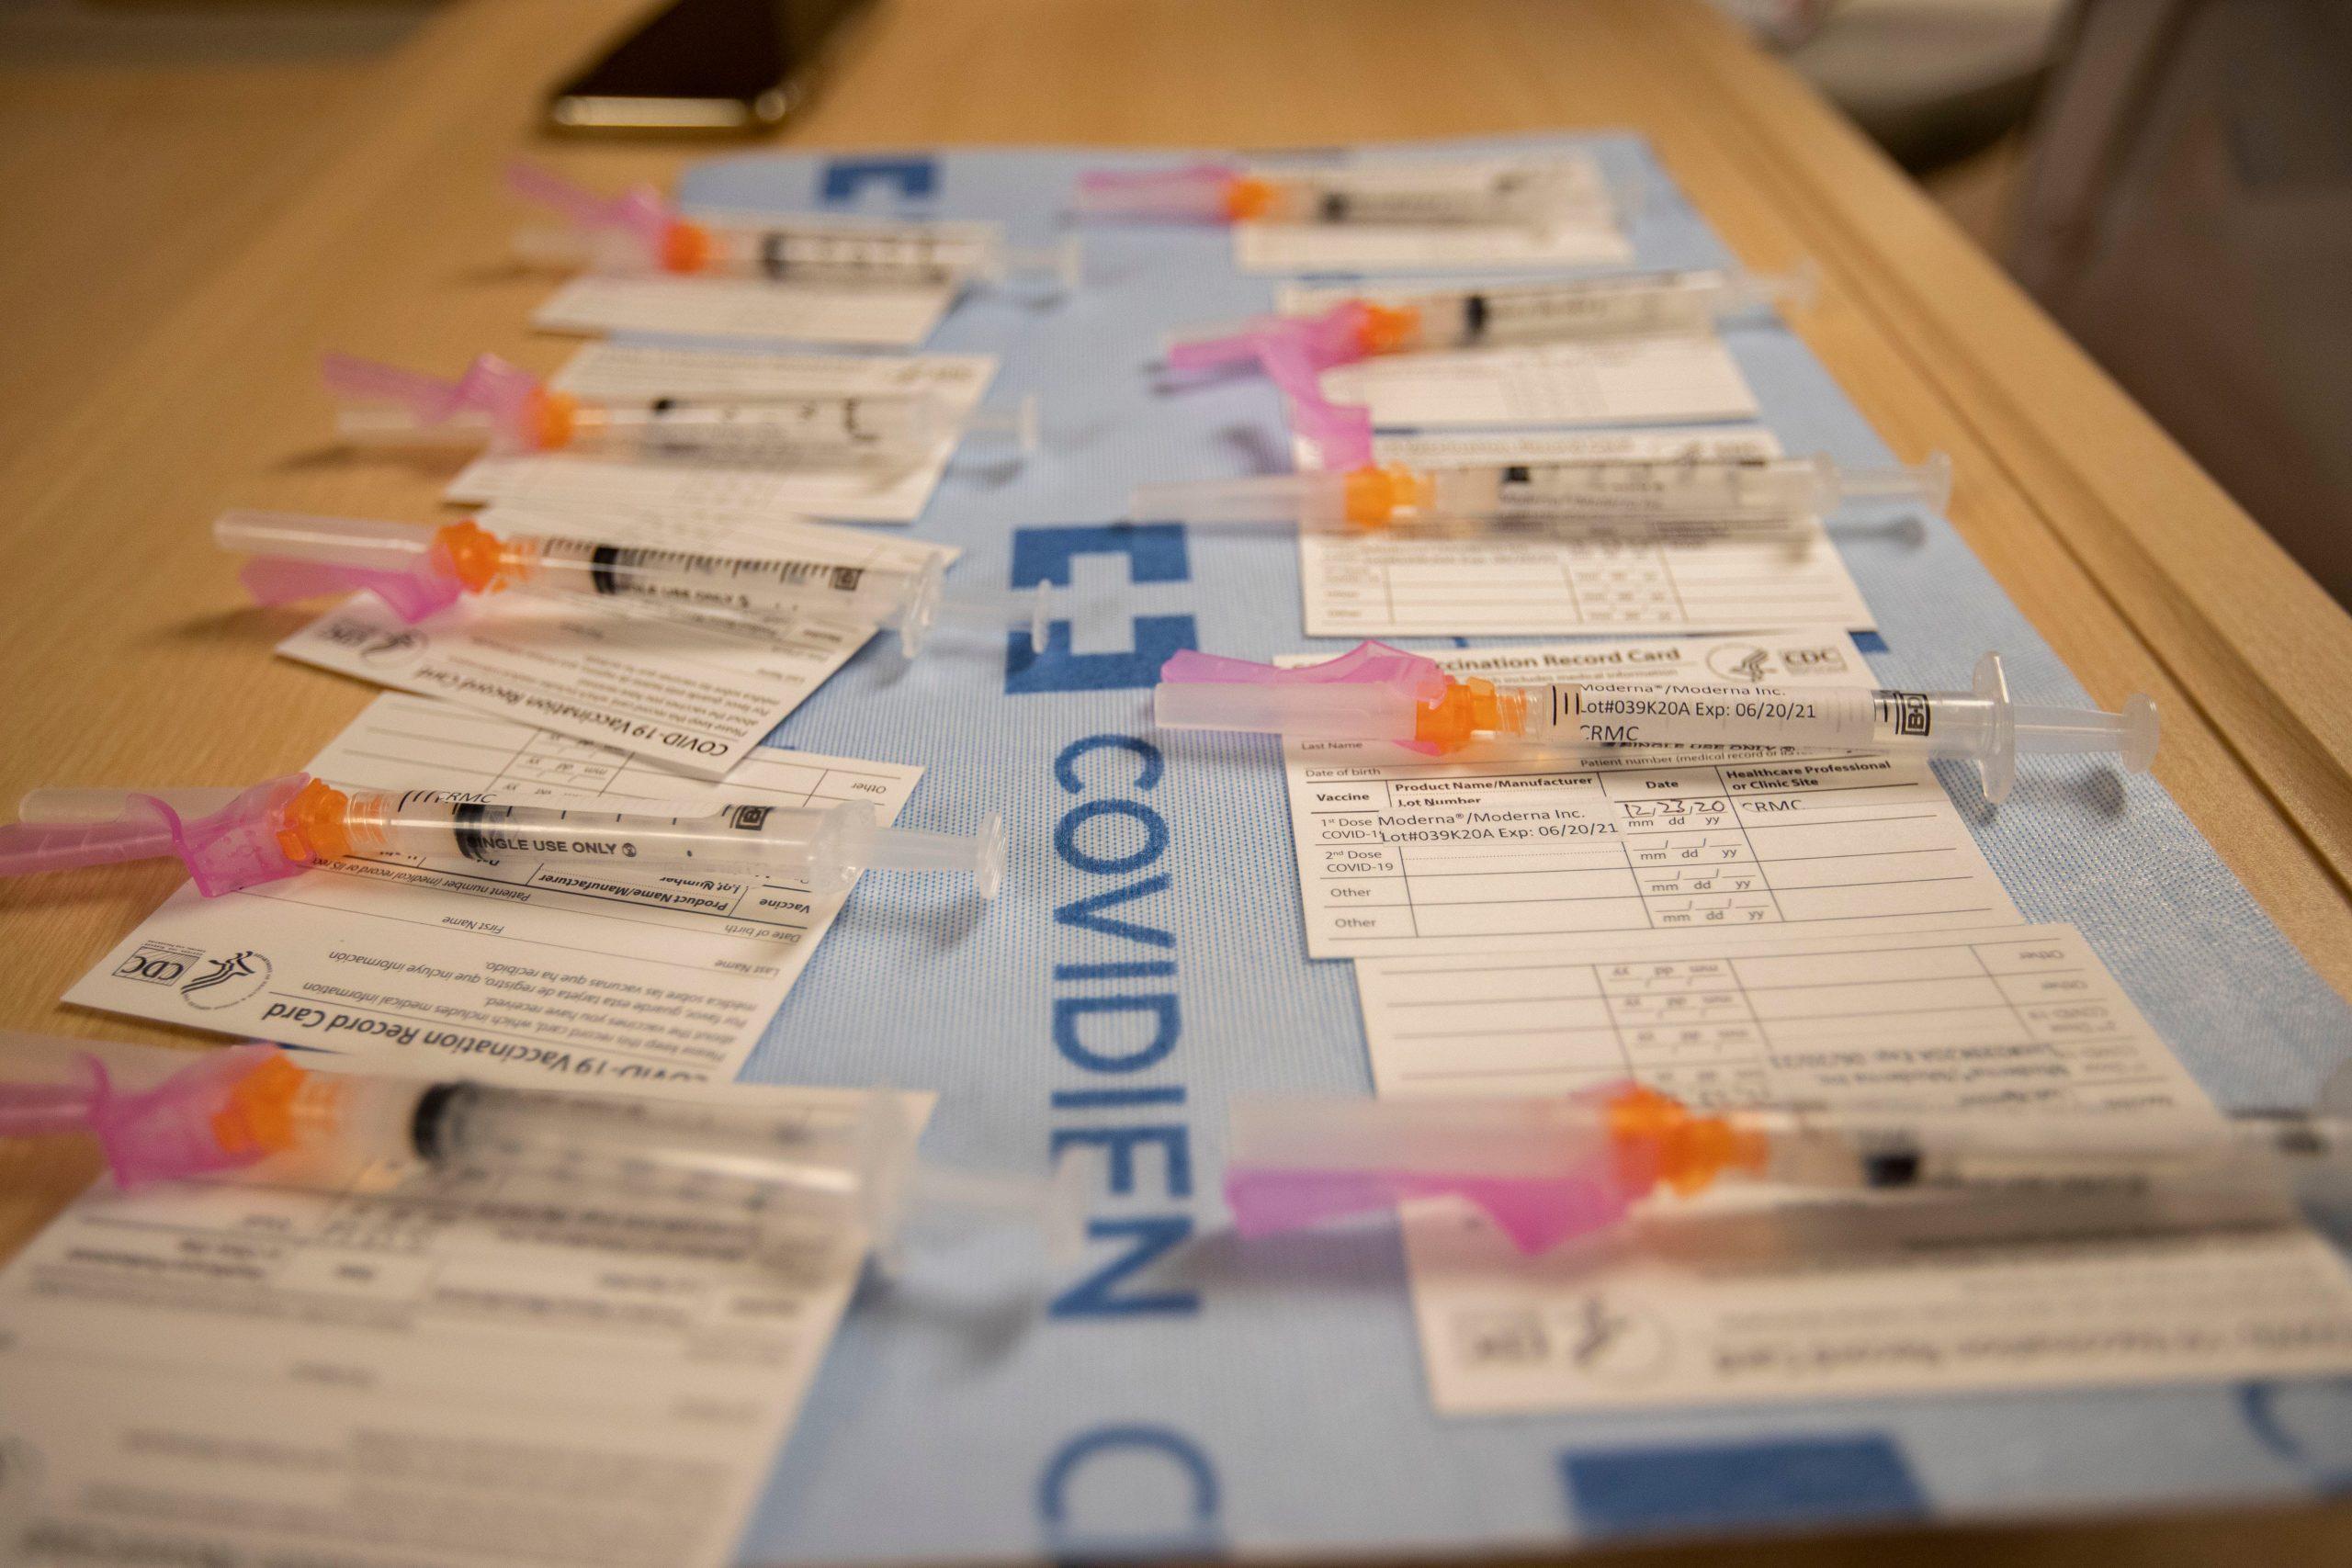 medico-reaccion-alergica-vacuna-moderna-covid-1